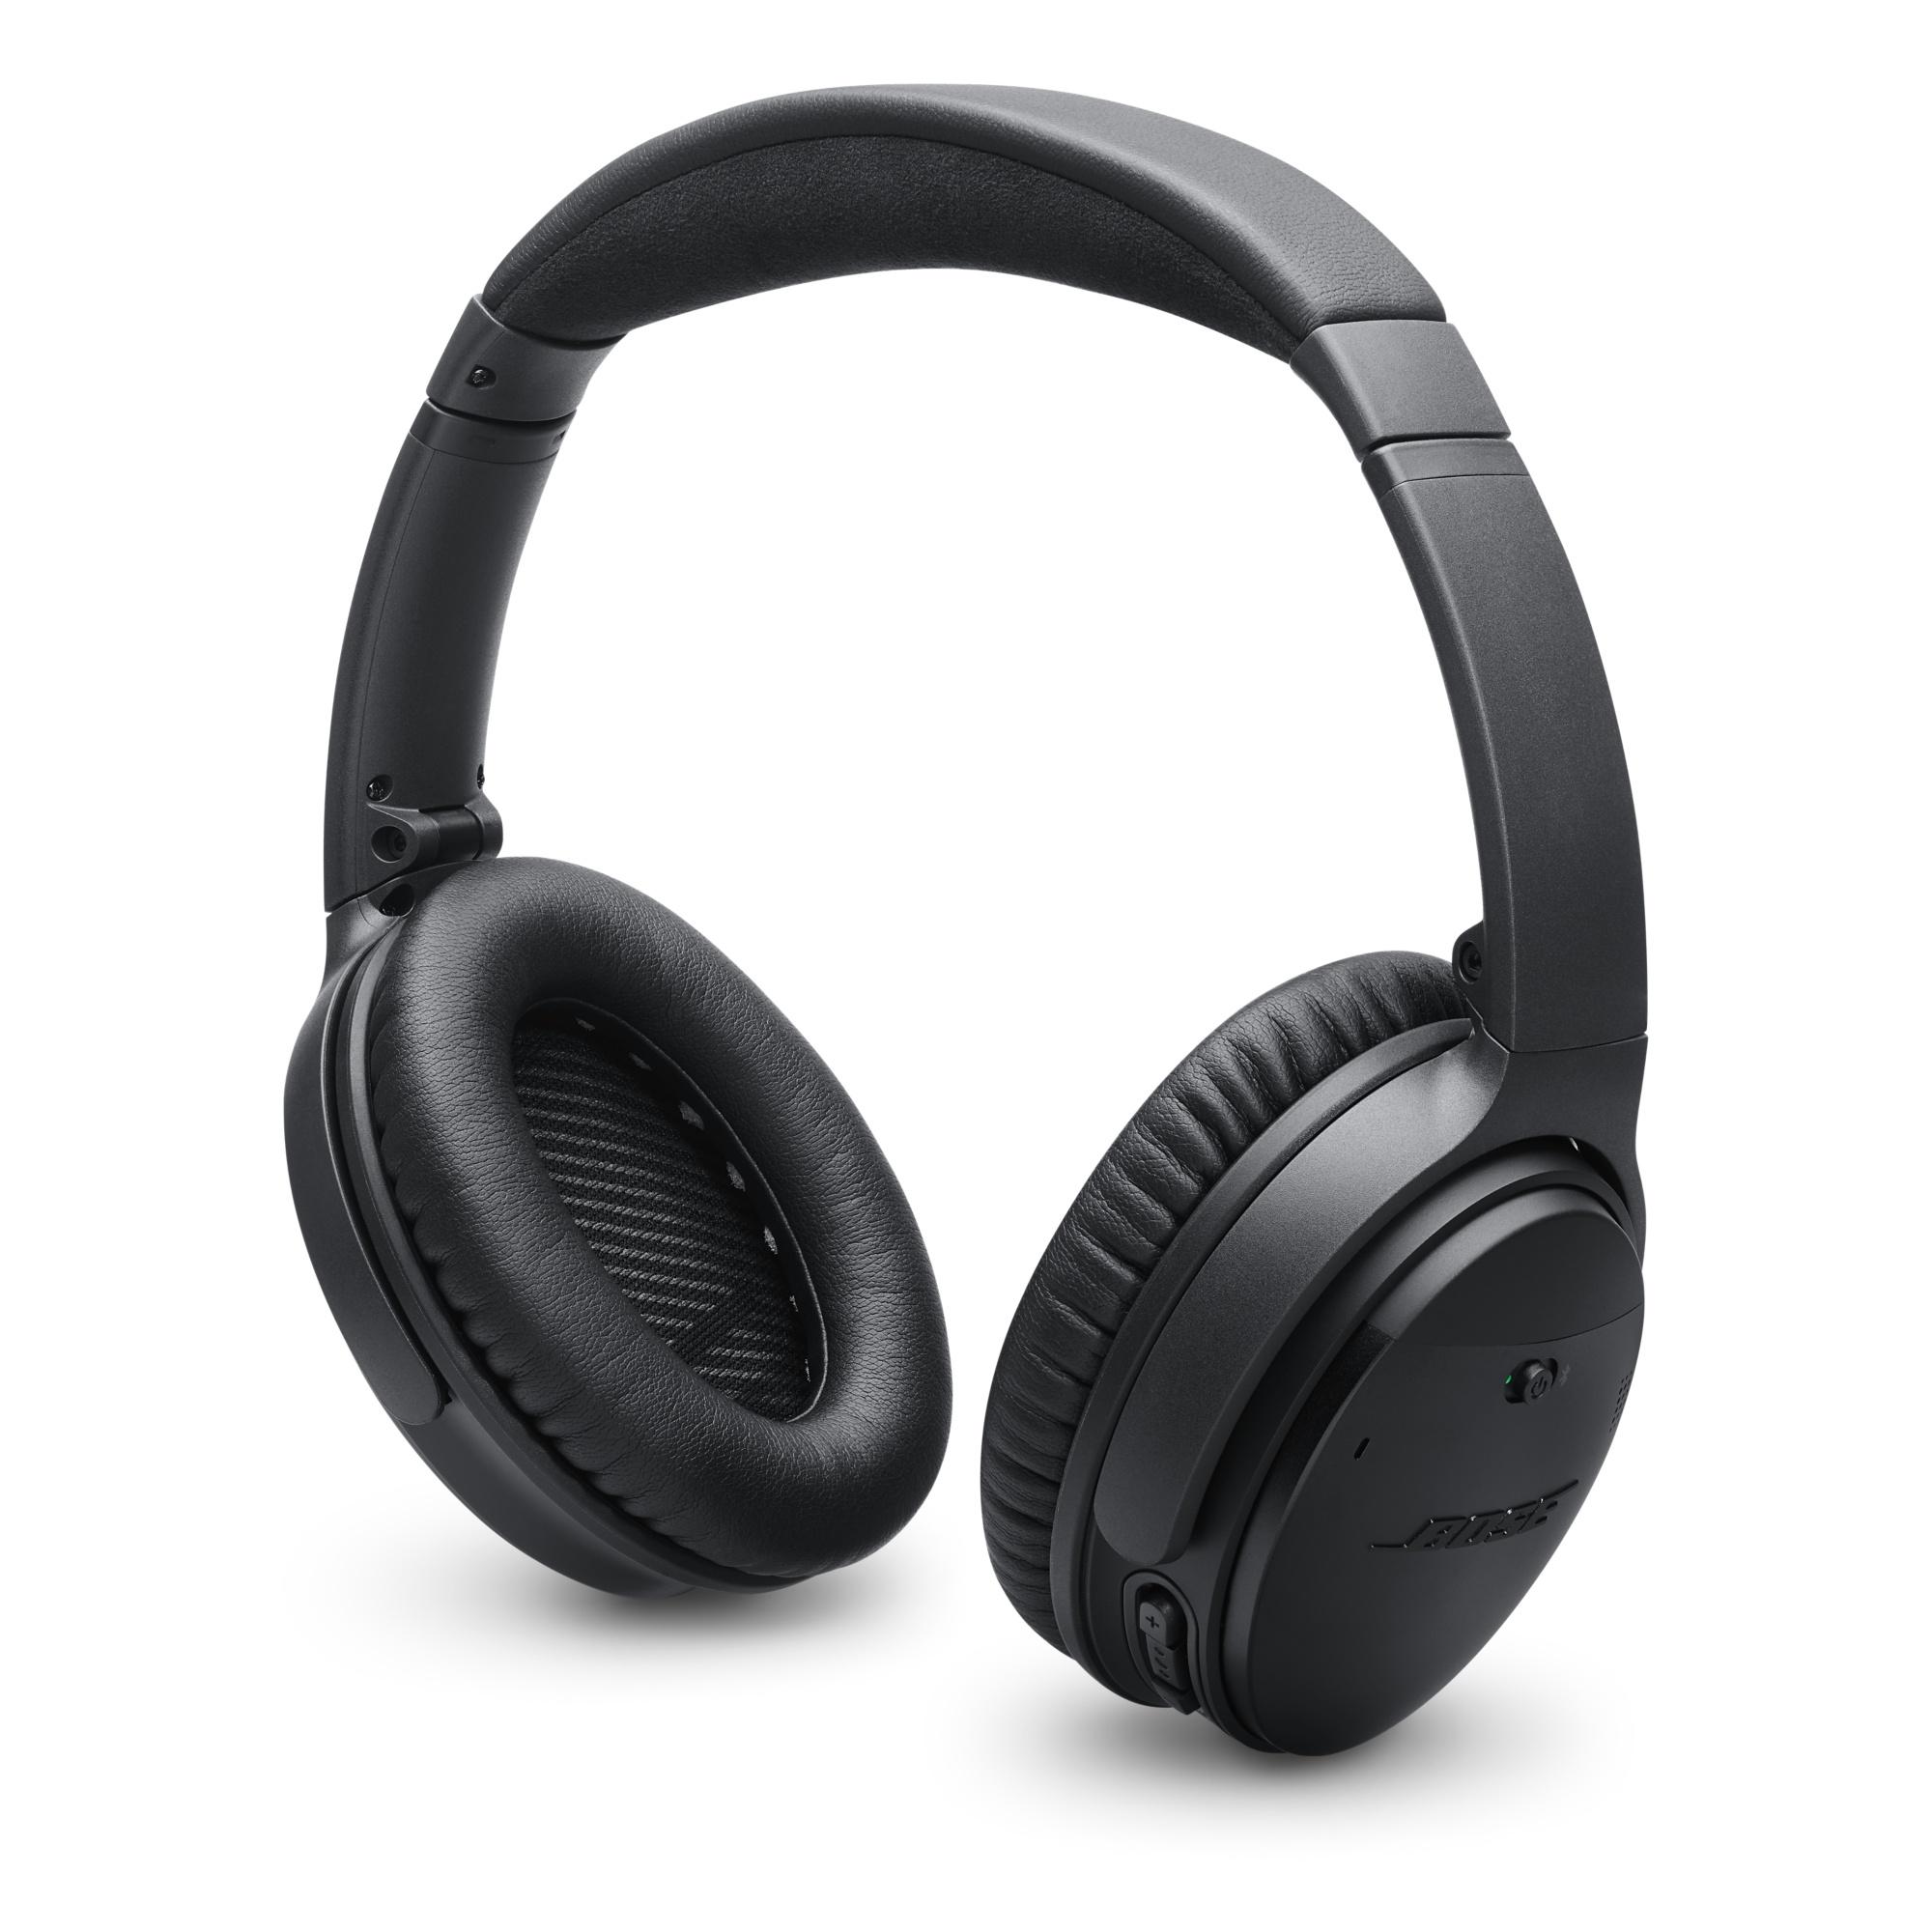 bose-quietcomfort-35-wireless-headphones